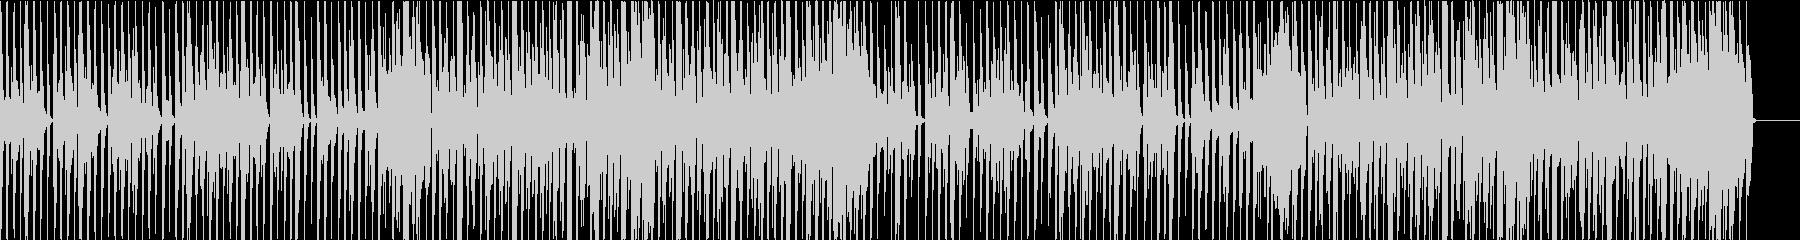 かわいい ほのぼの コミカル ポップの未再生の波形